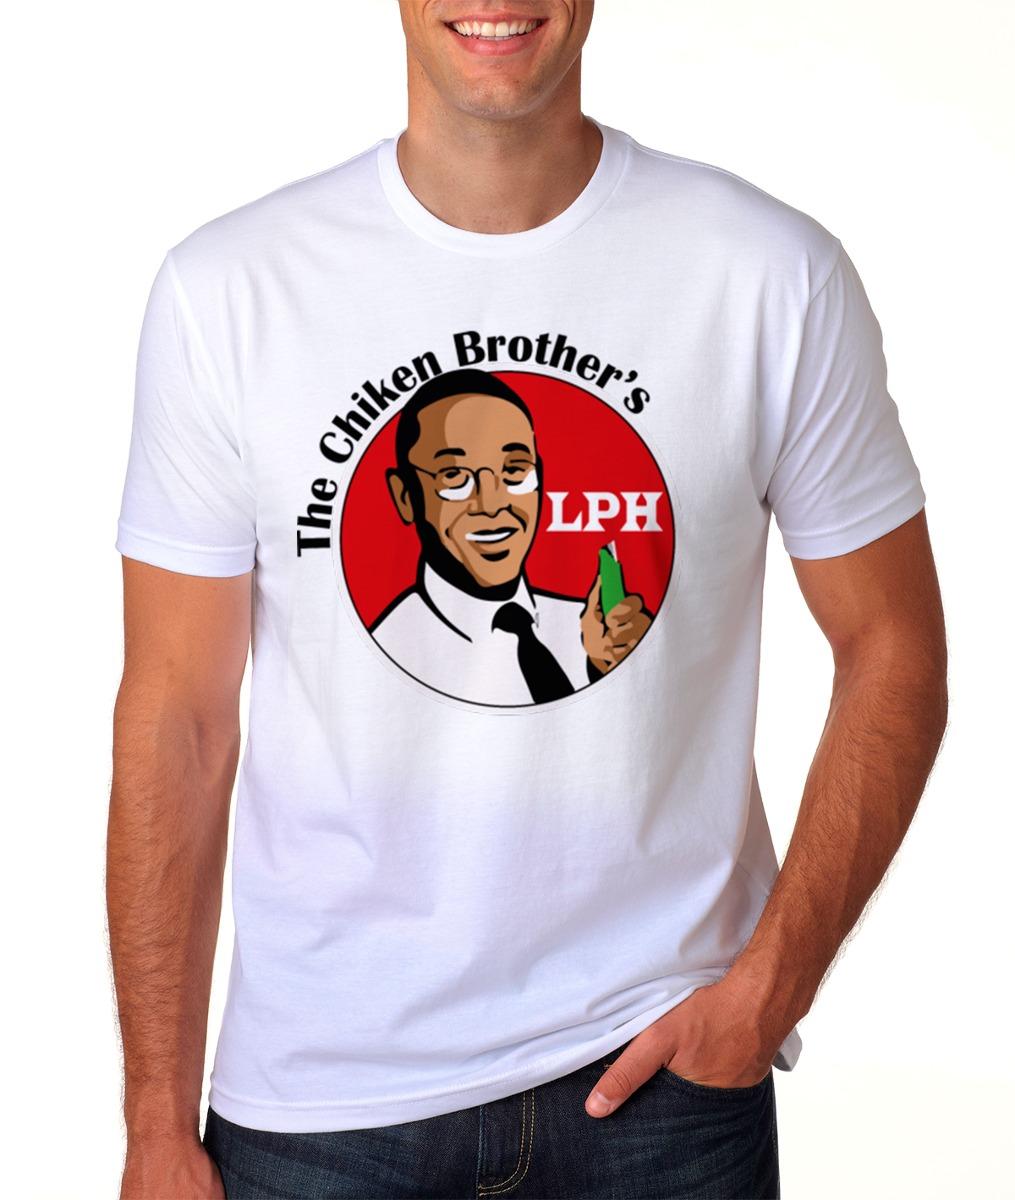 64925afa6 camiseta branca breaking bad los pollos hermanos gus fring 3. Carregando  zoom.